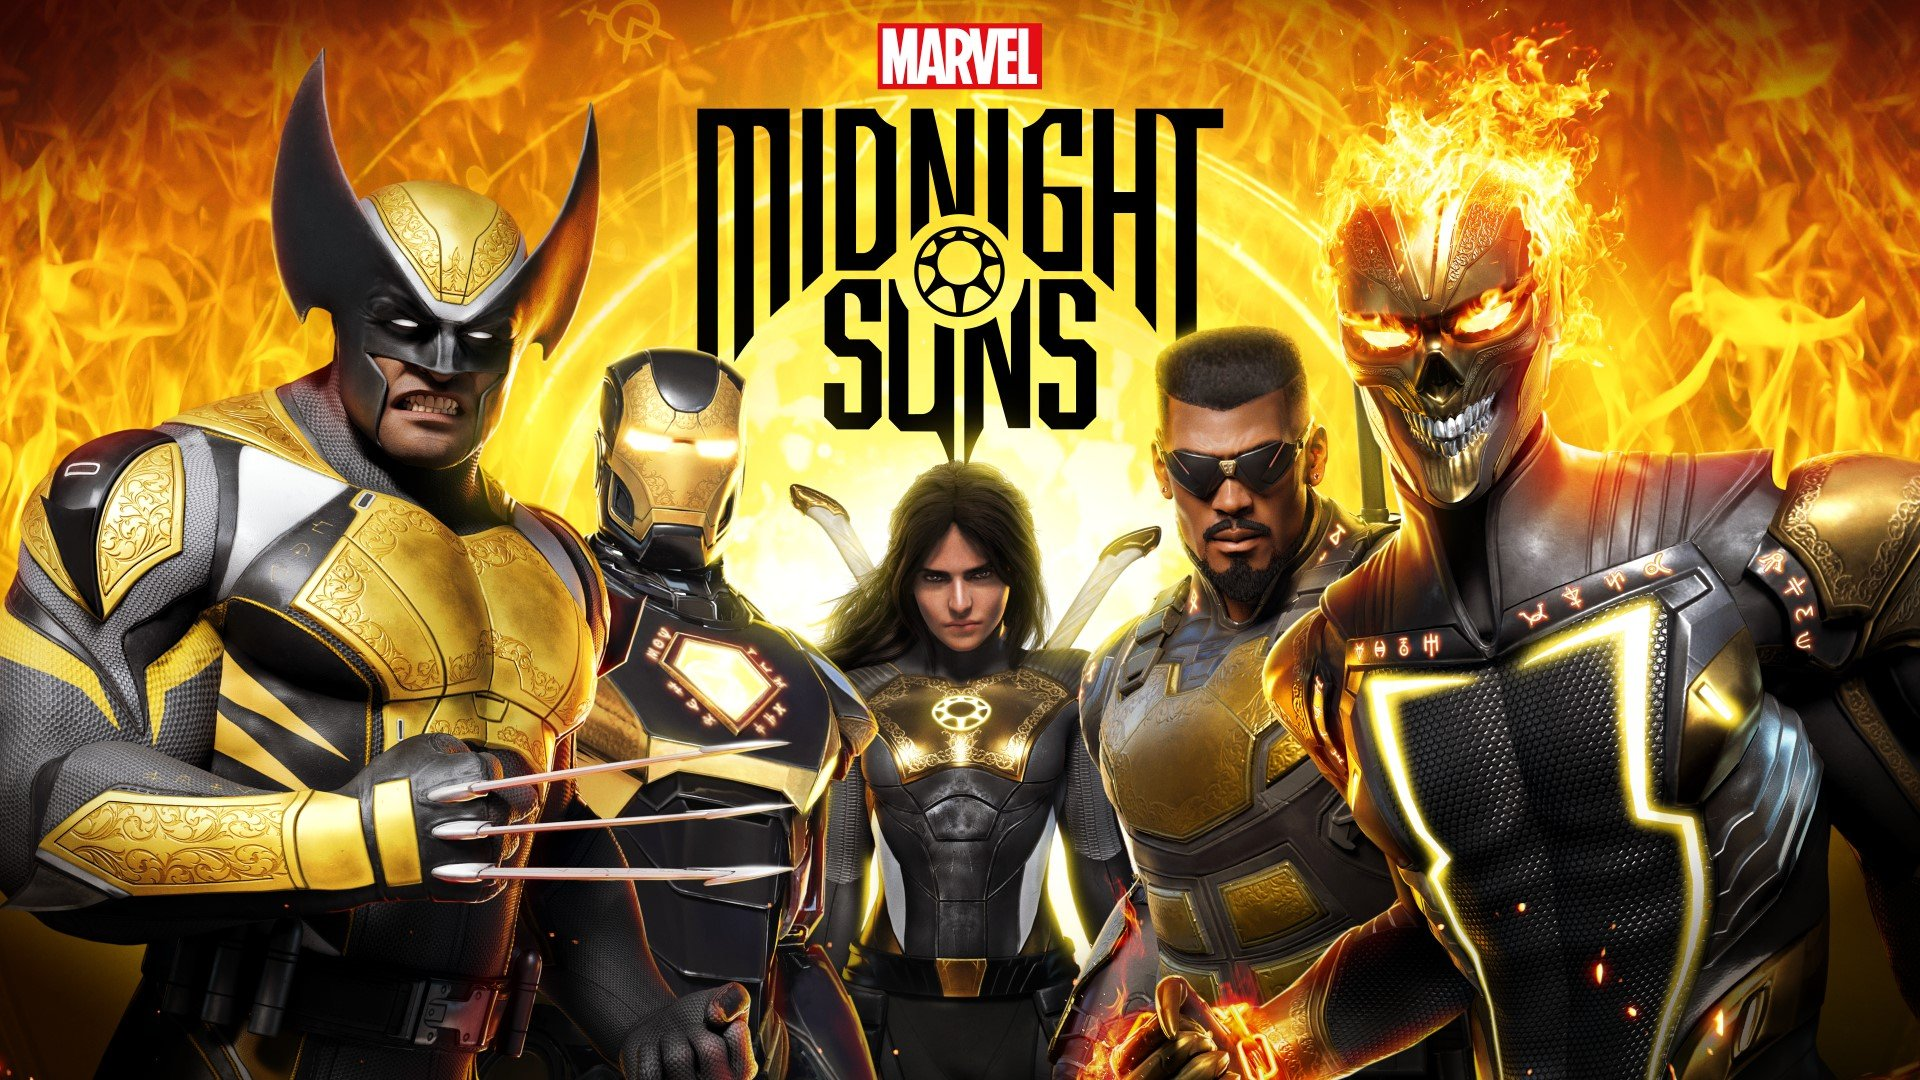 Jogos: Marvel's Midnight Suns é anunciado na gamescom